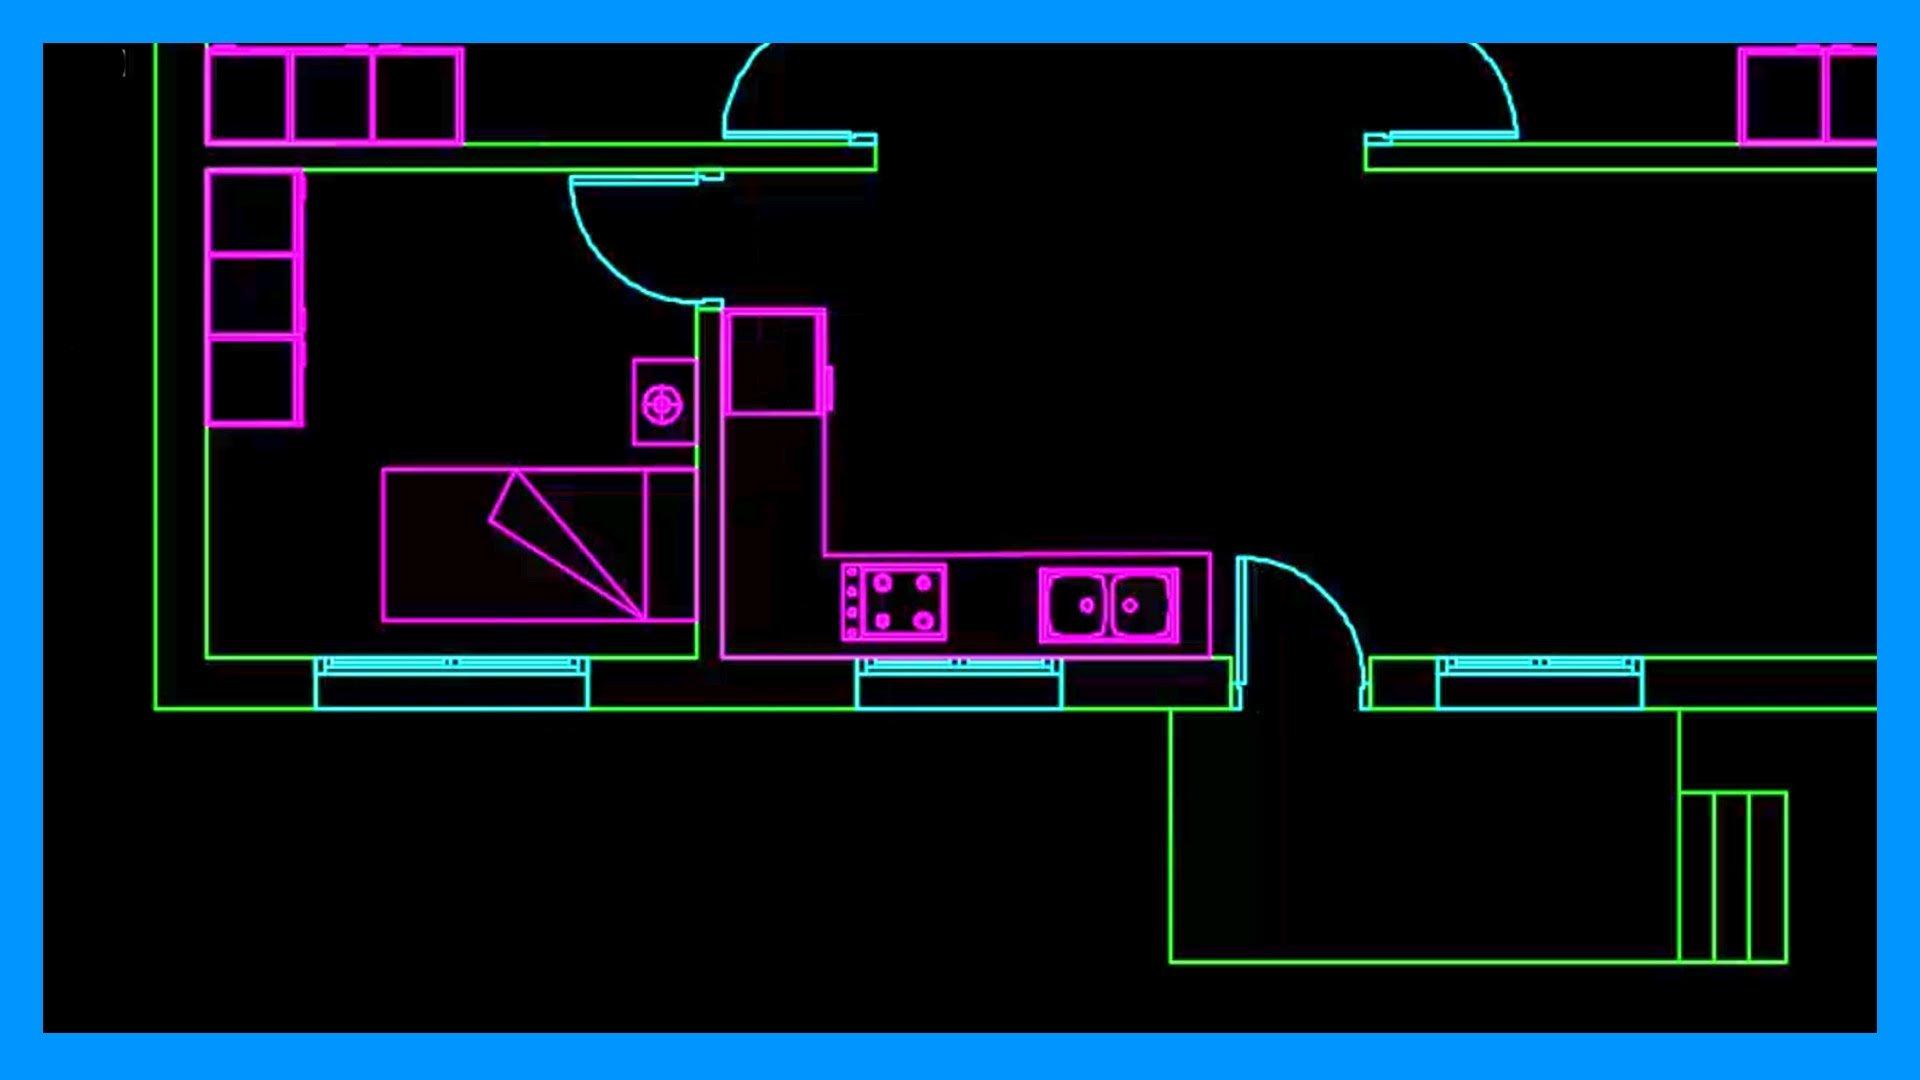 Autocad – 2/2 Dibujar plano de una casa de una planta en Autocad